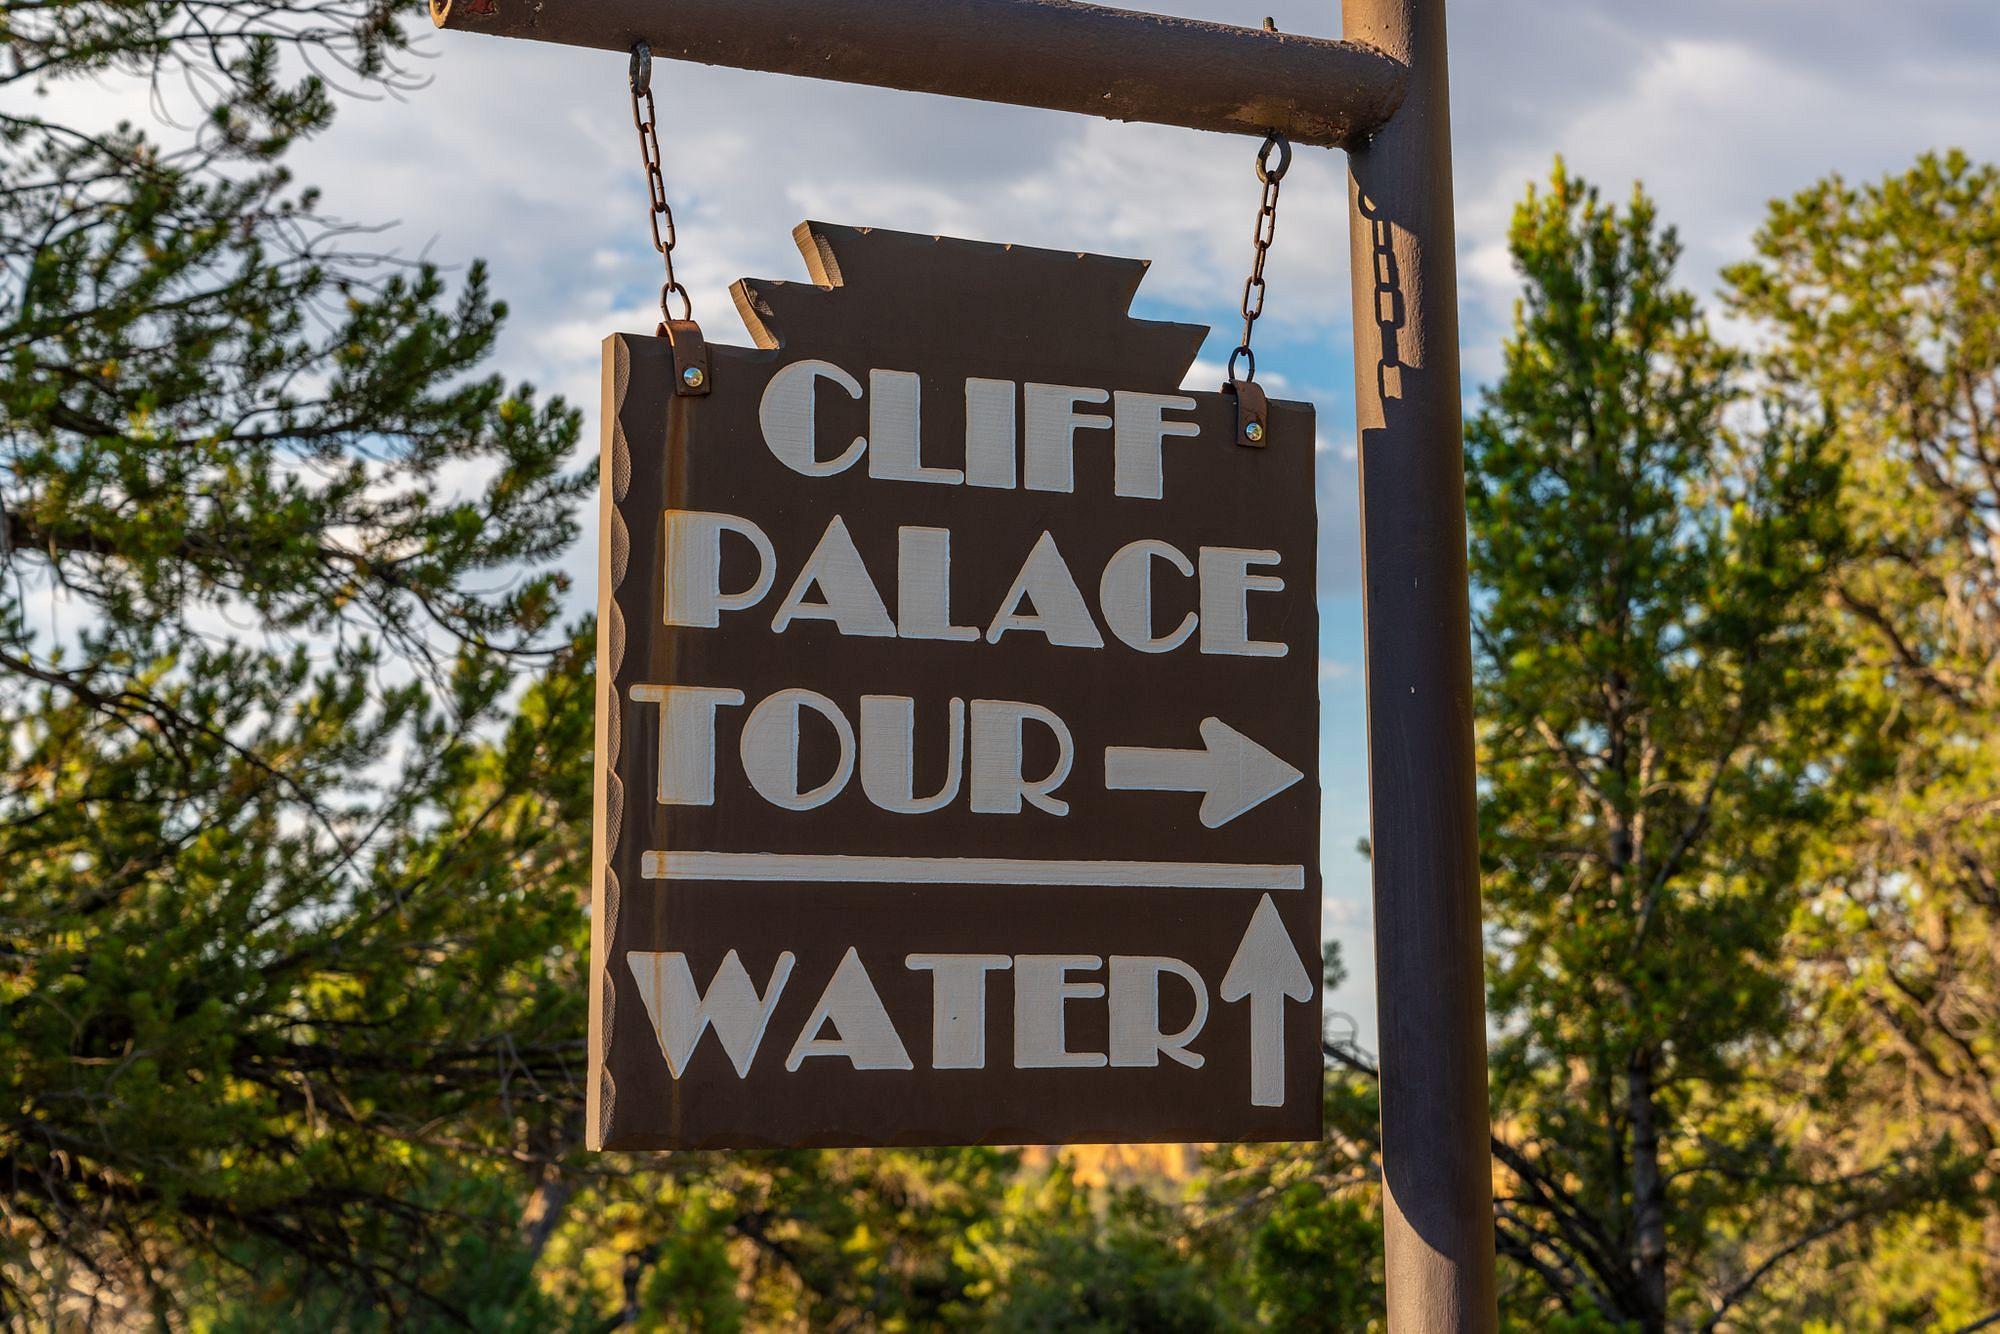 Cliff Palace Tour Rendezvous Point